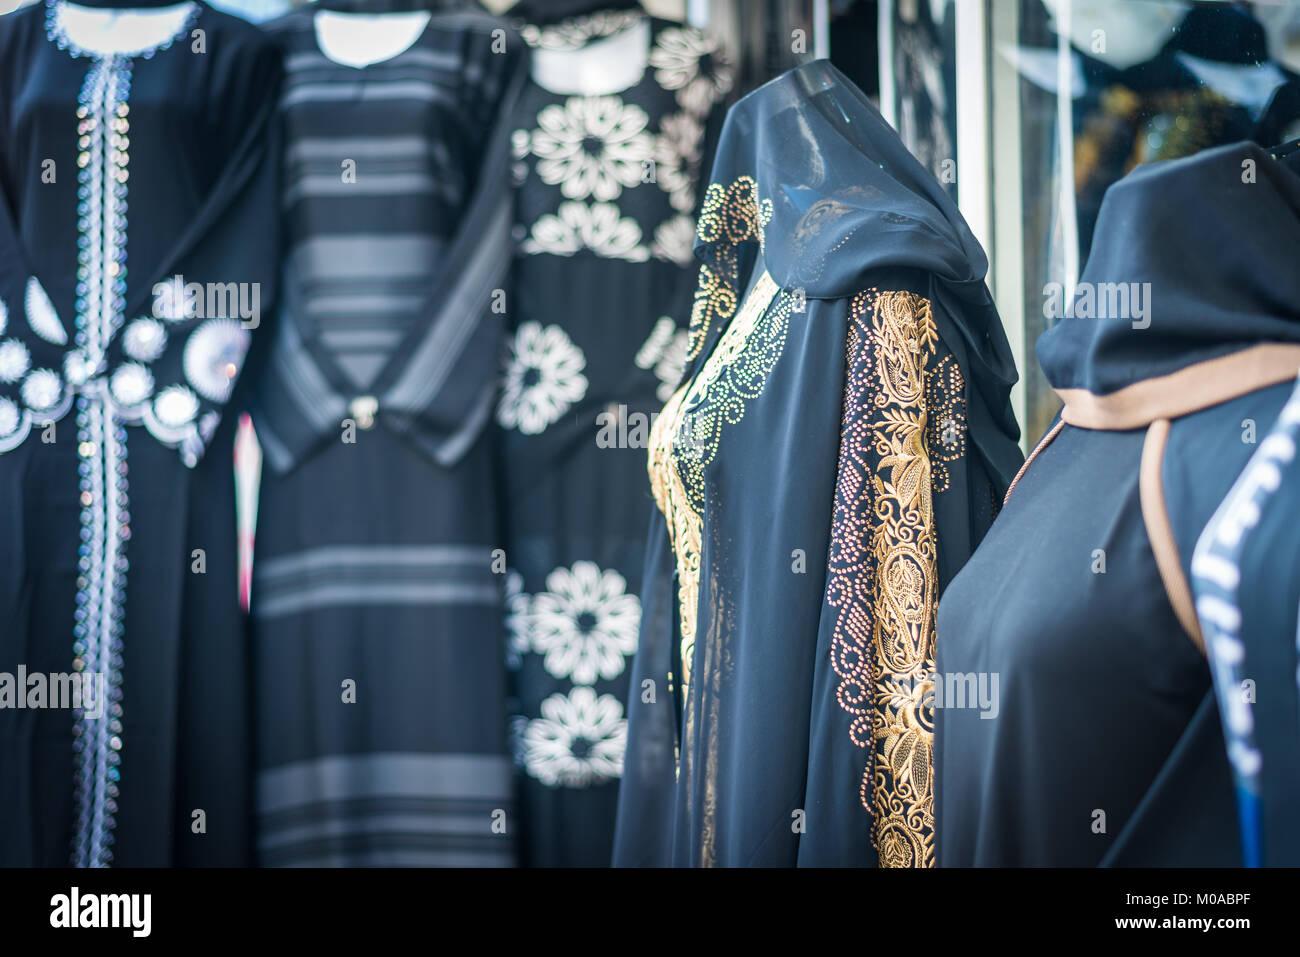 Vestido tradicional en una de las tiendas locales en Bur Dubai, EAU, Emiratos Arabes Unidos Foto de stock